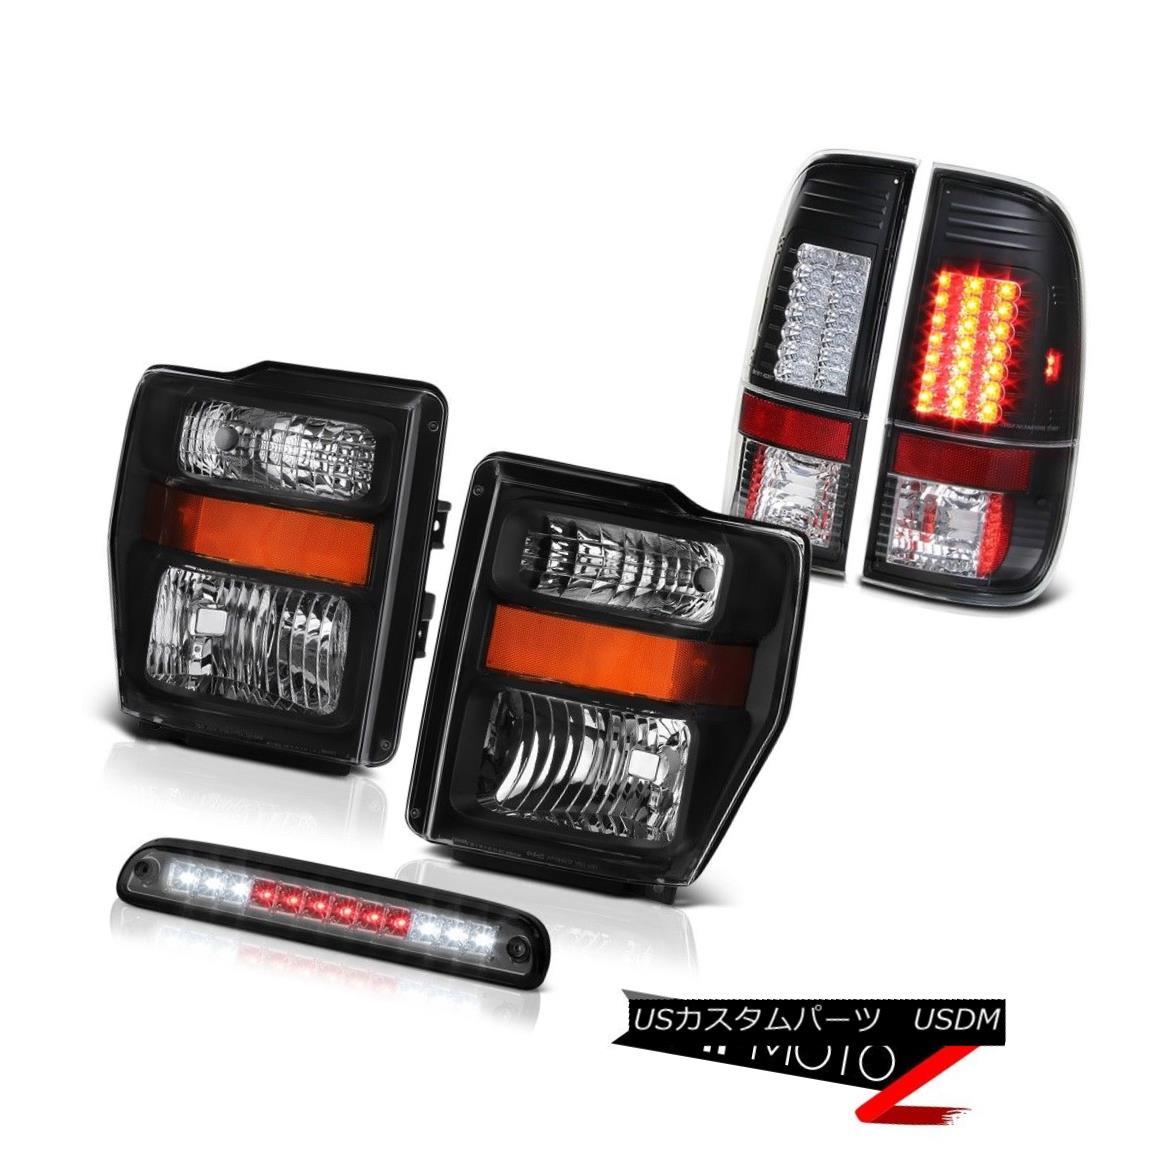 テールライト Left Right Headlights Roof Brake Cargo LED Black Lights 08 09 10 Ford F-350 XLT 左右のヘッドライトルーフブレーキカーゴLEDブラックライト08 09 10 Ford F-350 XLT